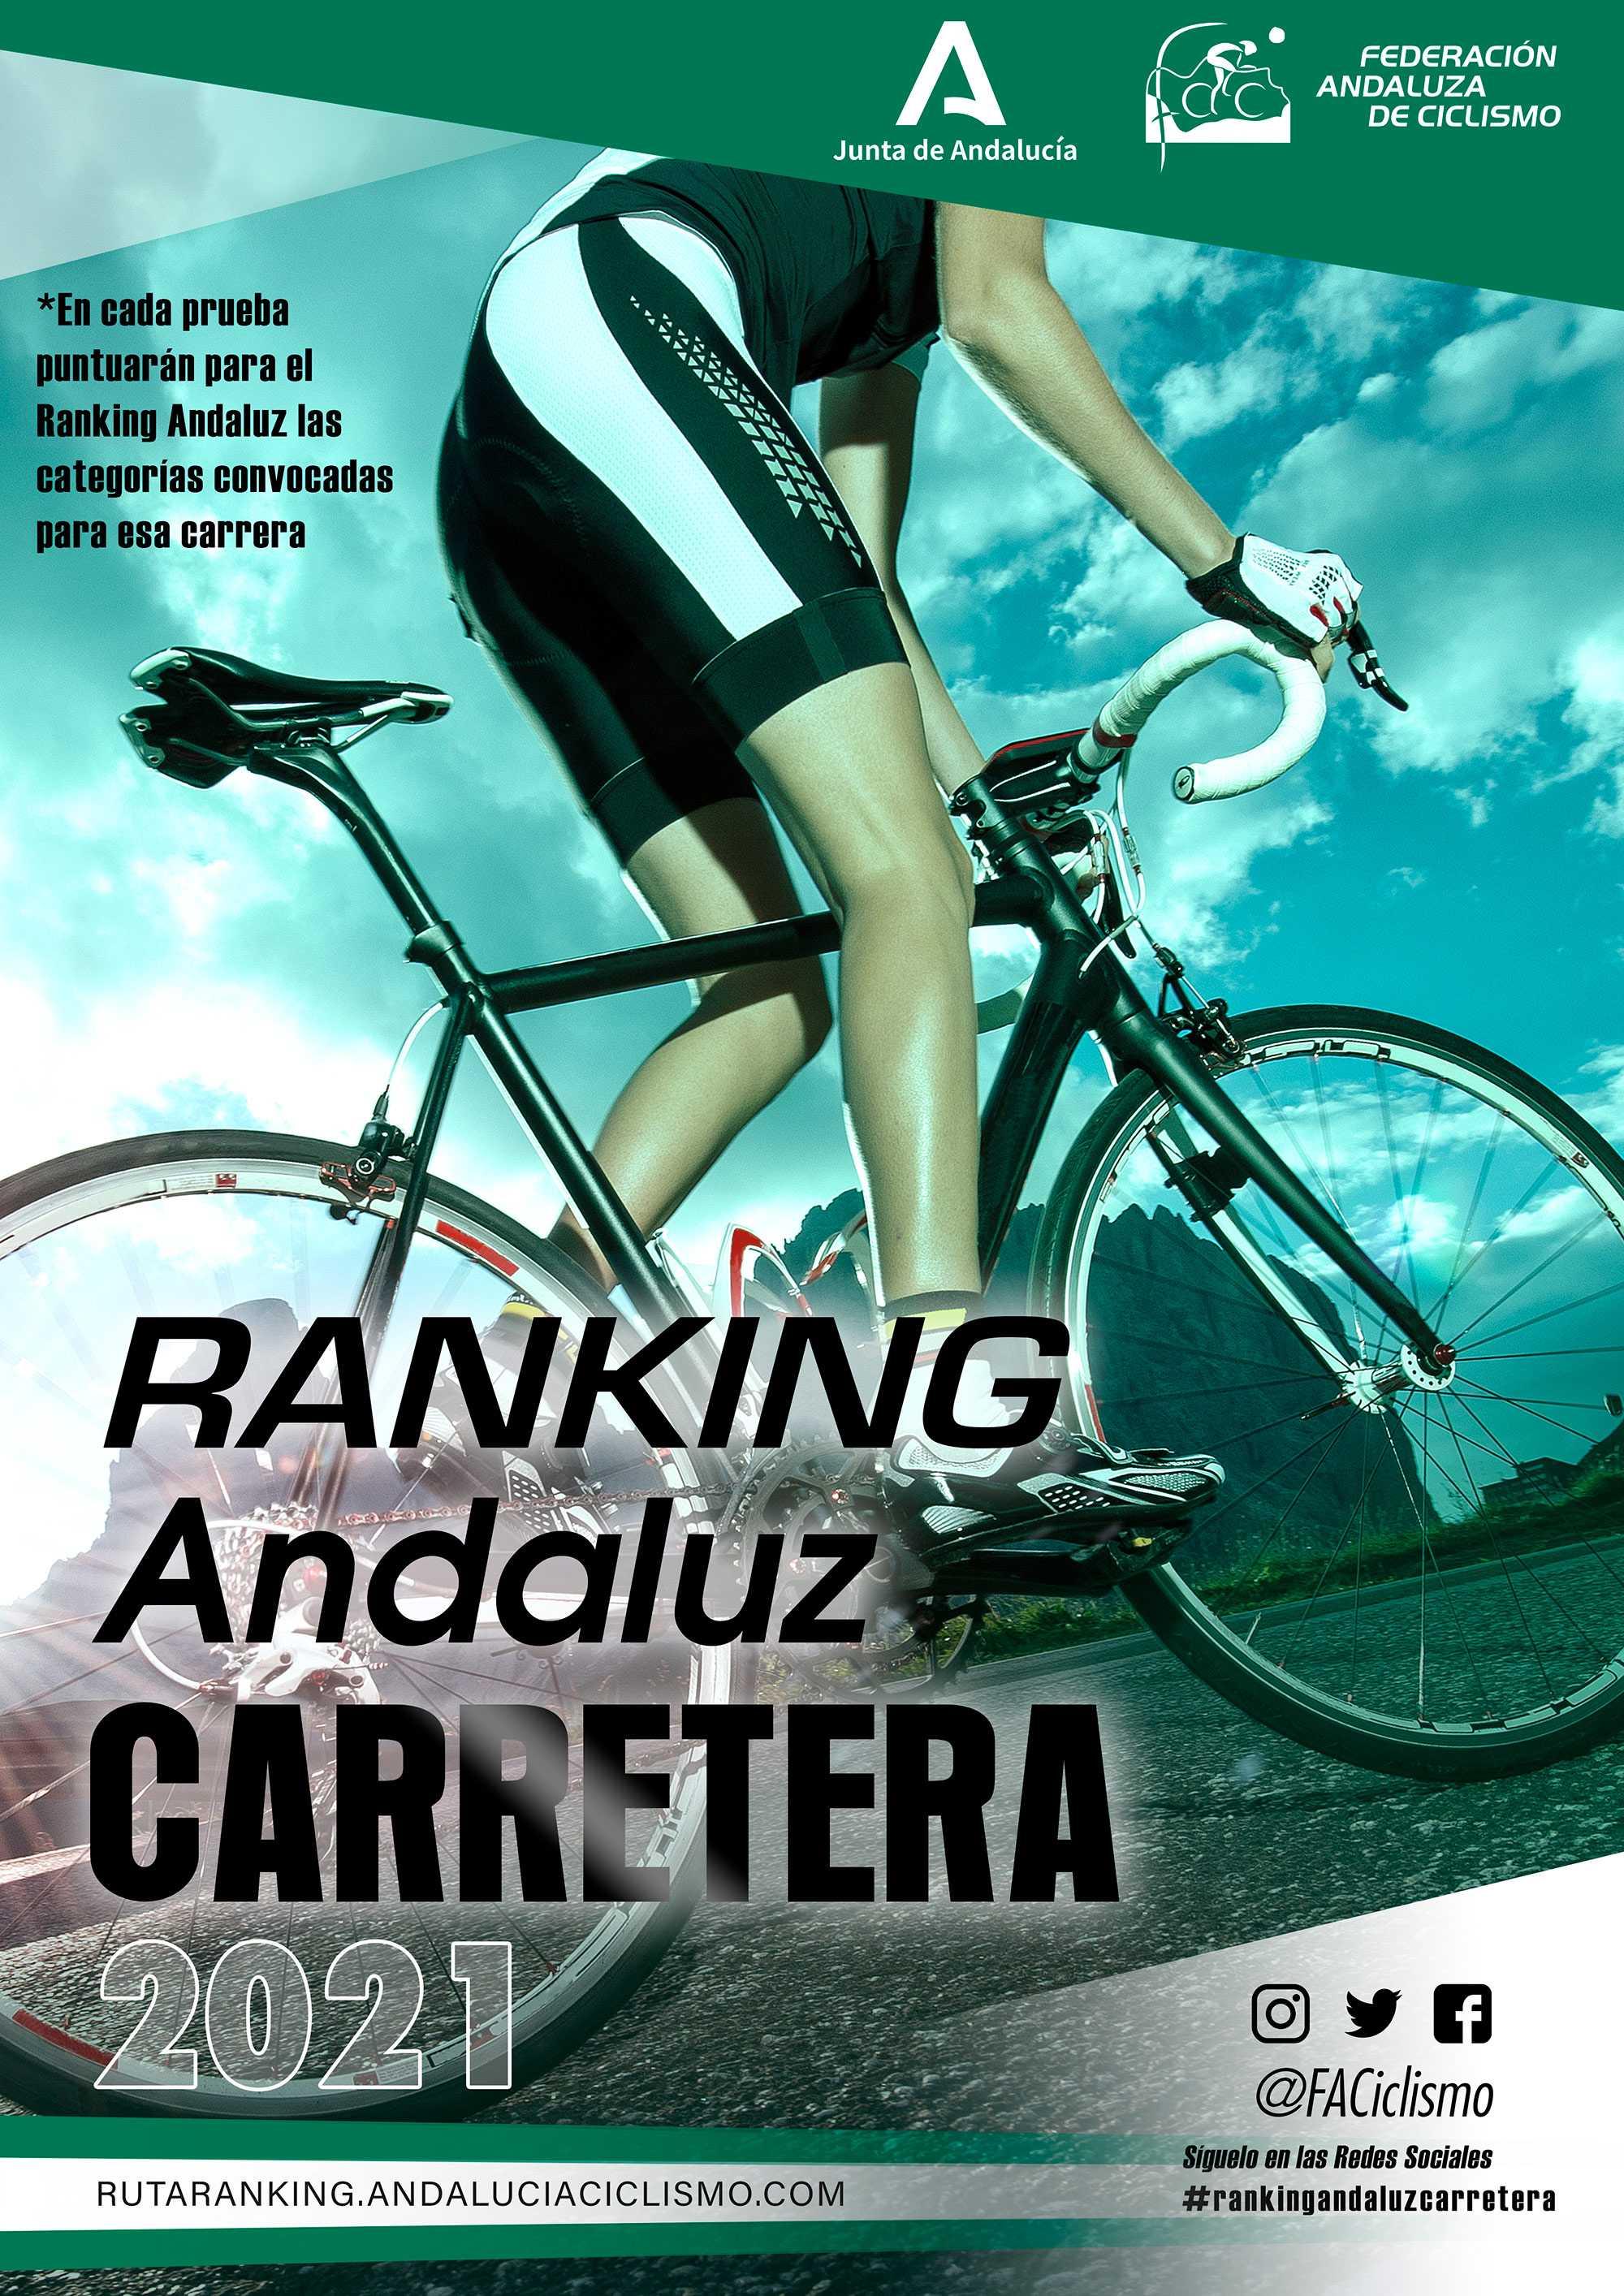 Publicadas las fechas del Ranking Andaluz de Carretera 2021